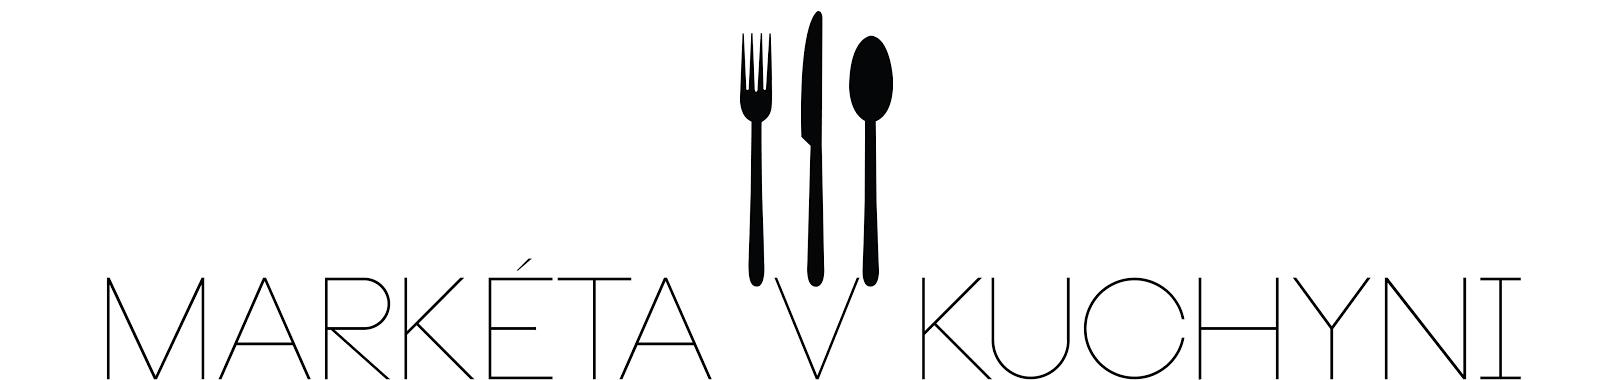 Děkuji za návštěvu také na mém food blogu